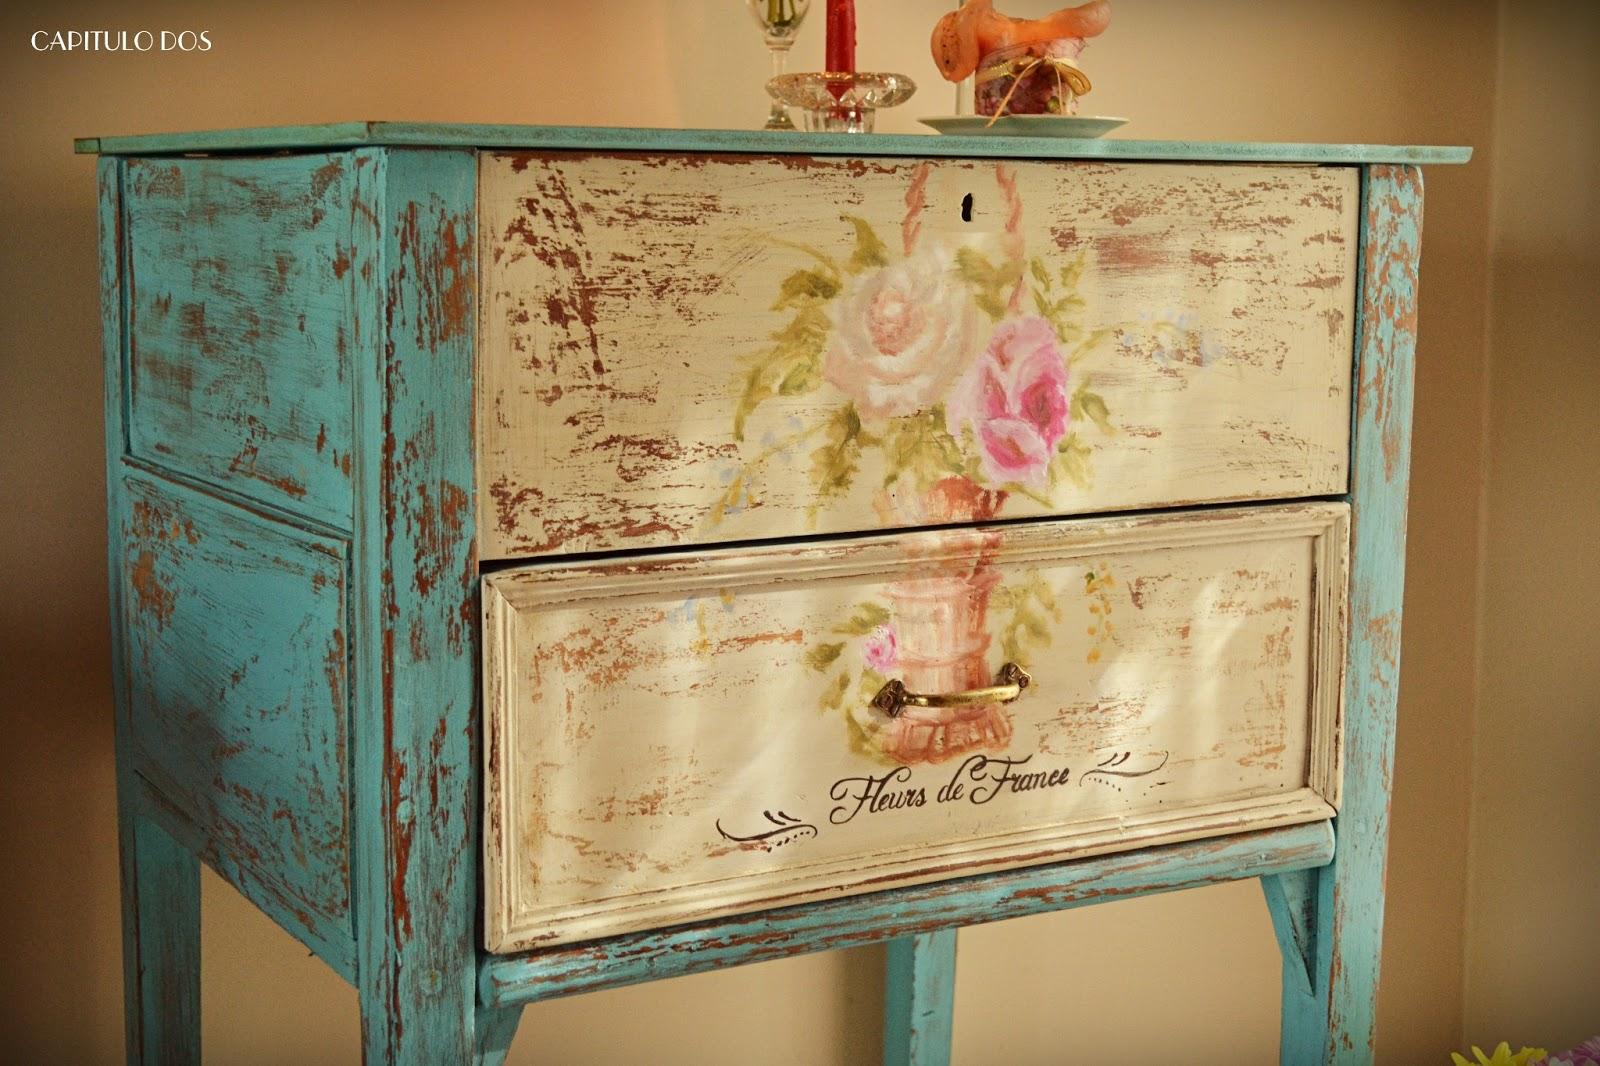 Capitulo dos dise o historia una formula encantadora - Armarios pintados a mano ...